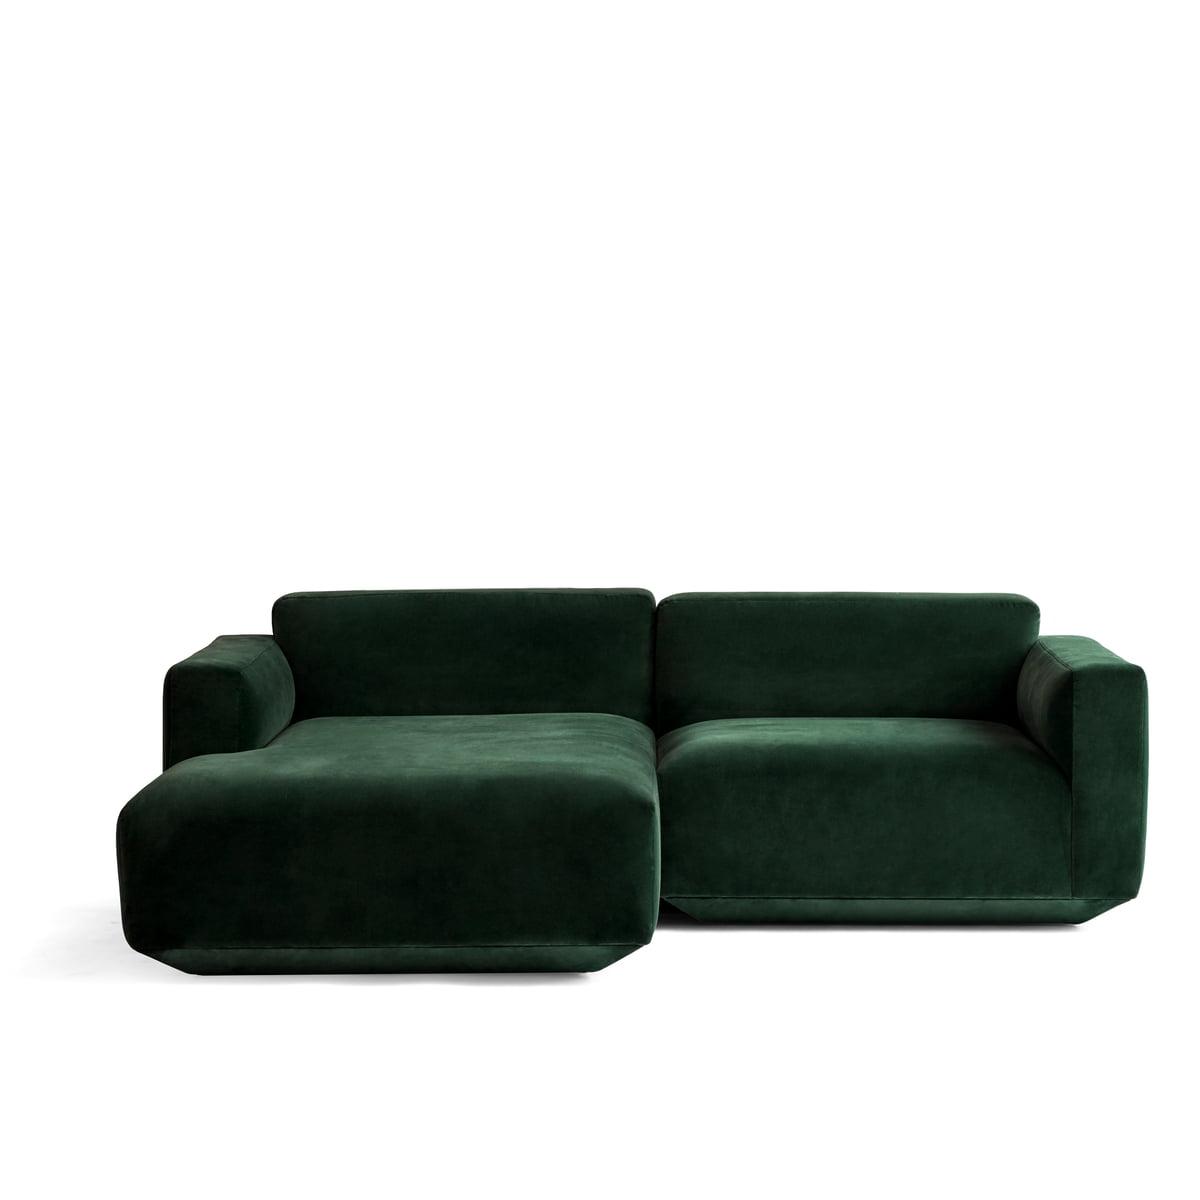 Bezug Velvet Forest Ecksofas Eckcouches Online Kaufen Möbel